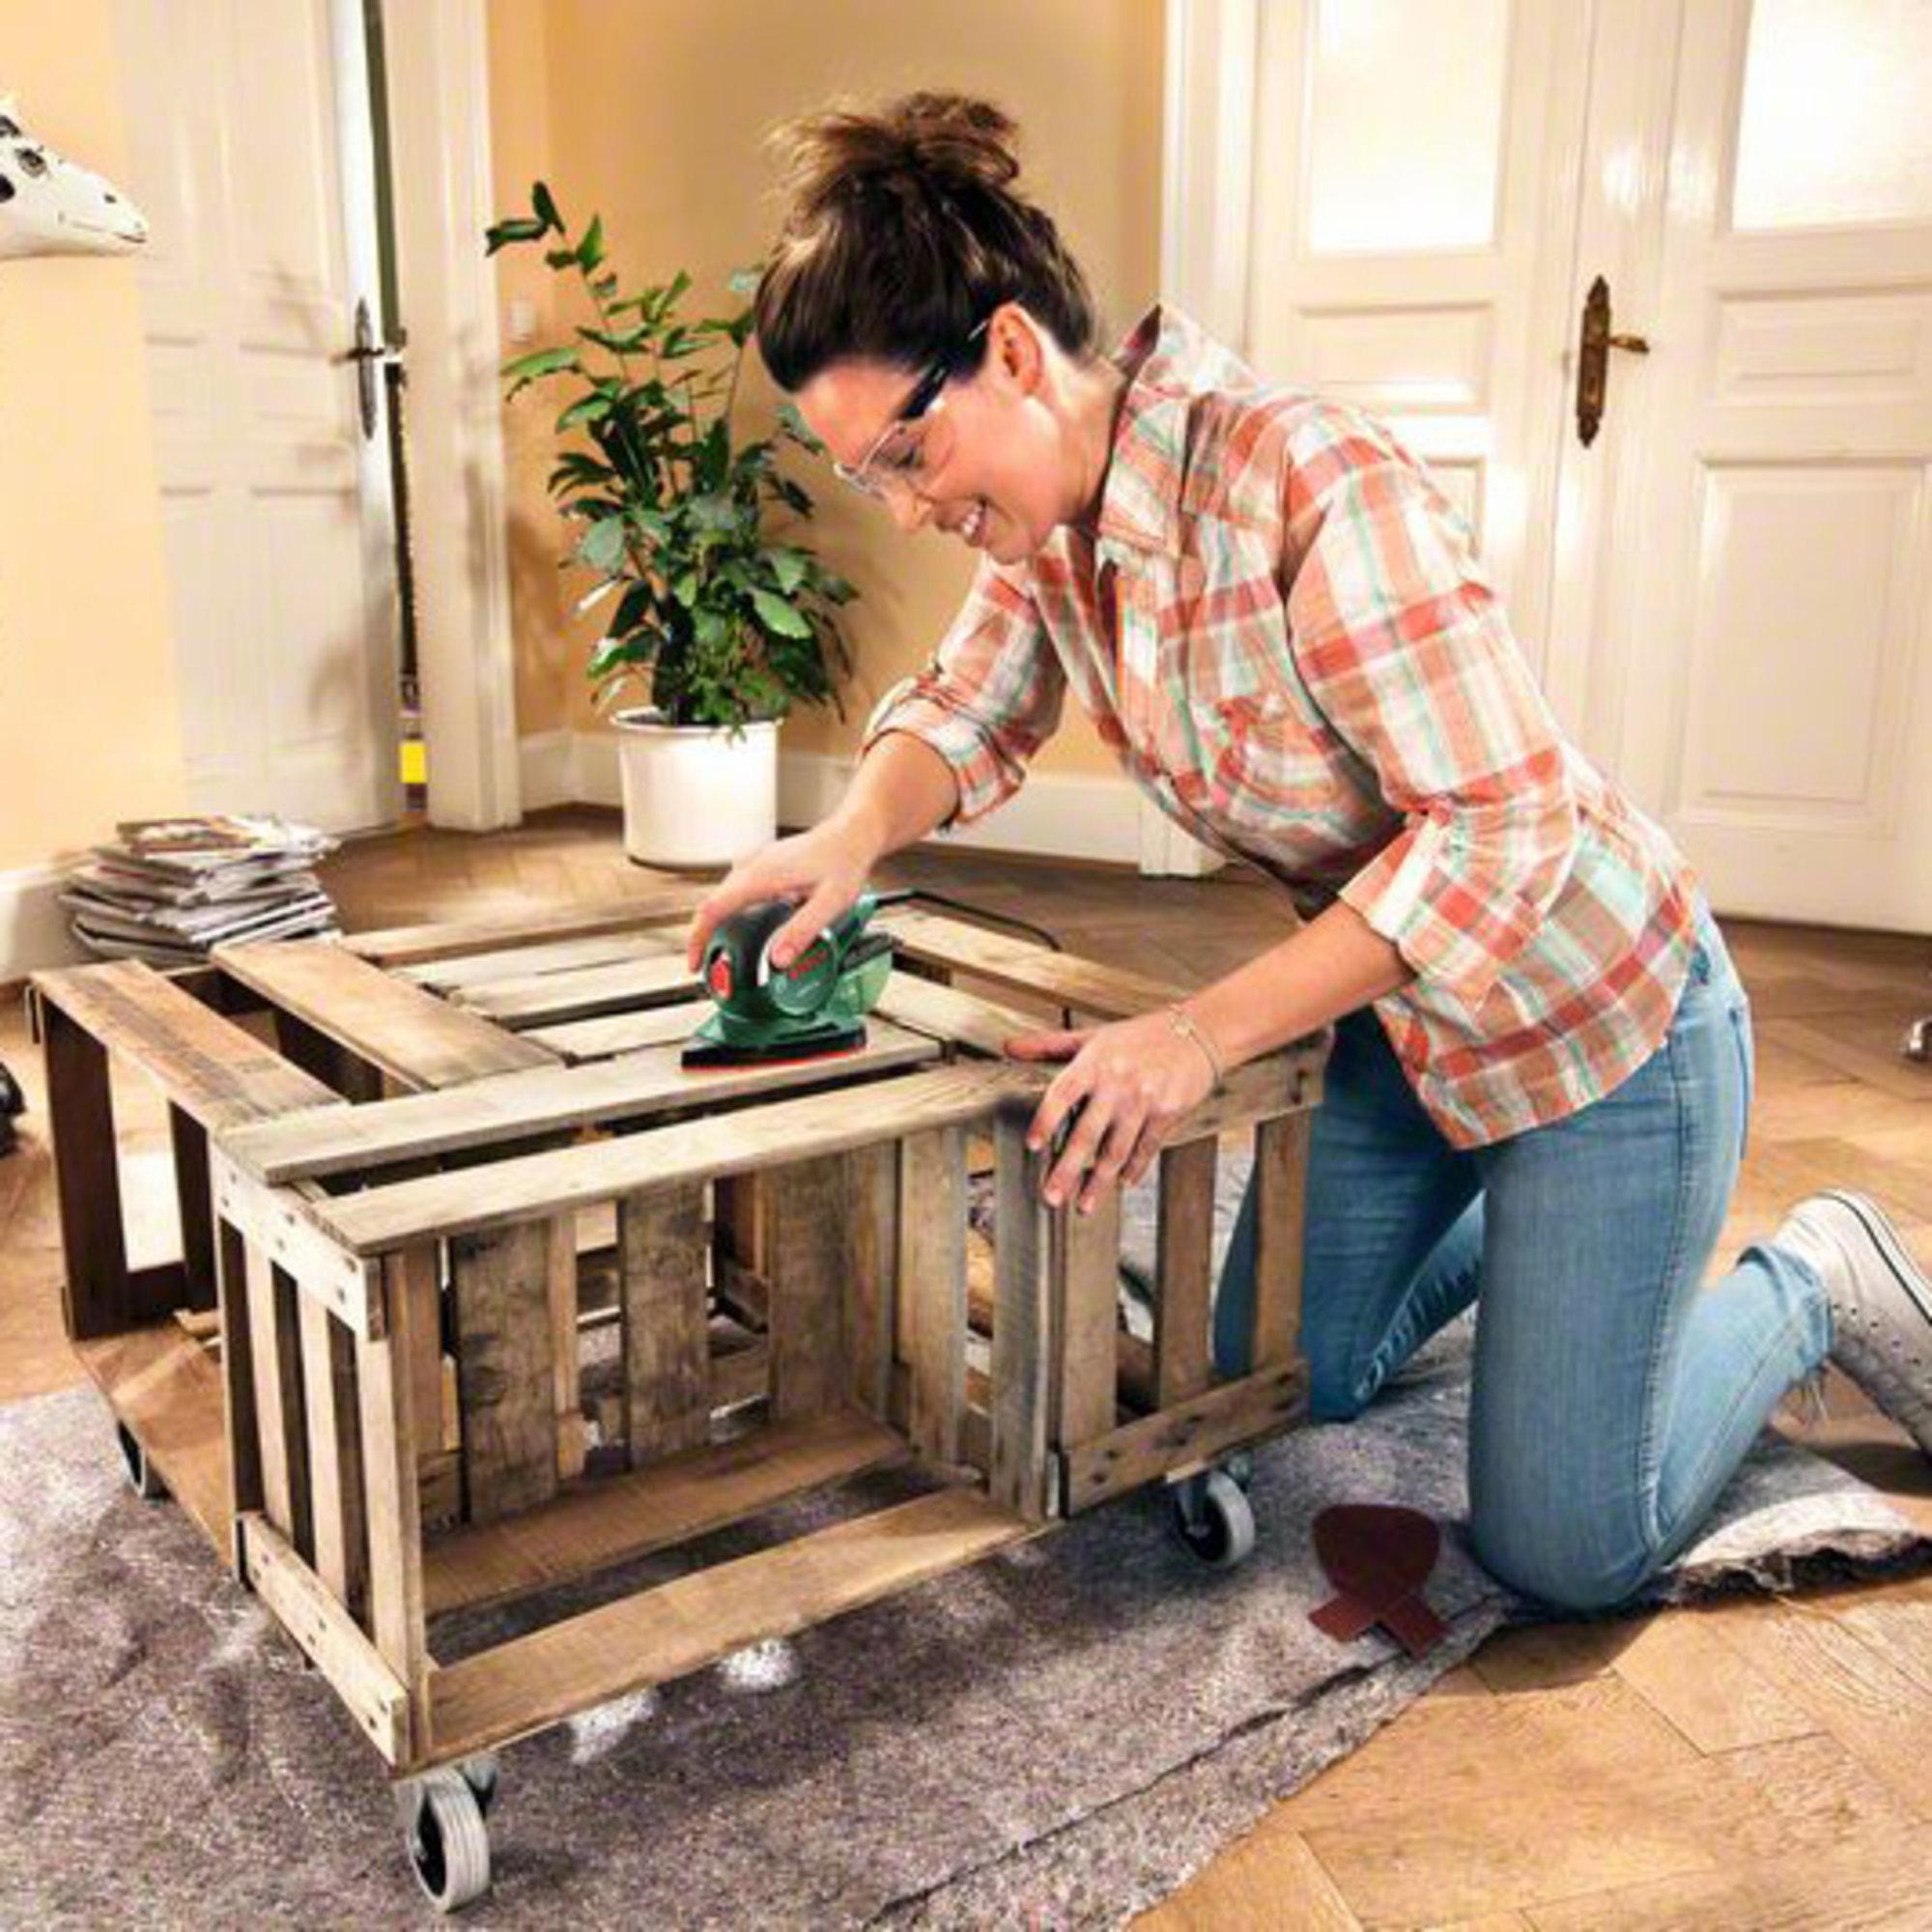 psm primo multisliber fra bosch god til slibning af hj rner. Black Bedroom Furniture Sets. Home Design Ideas